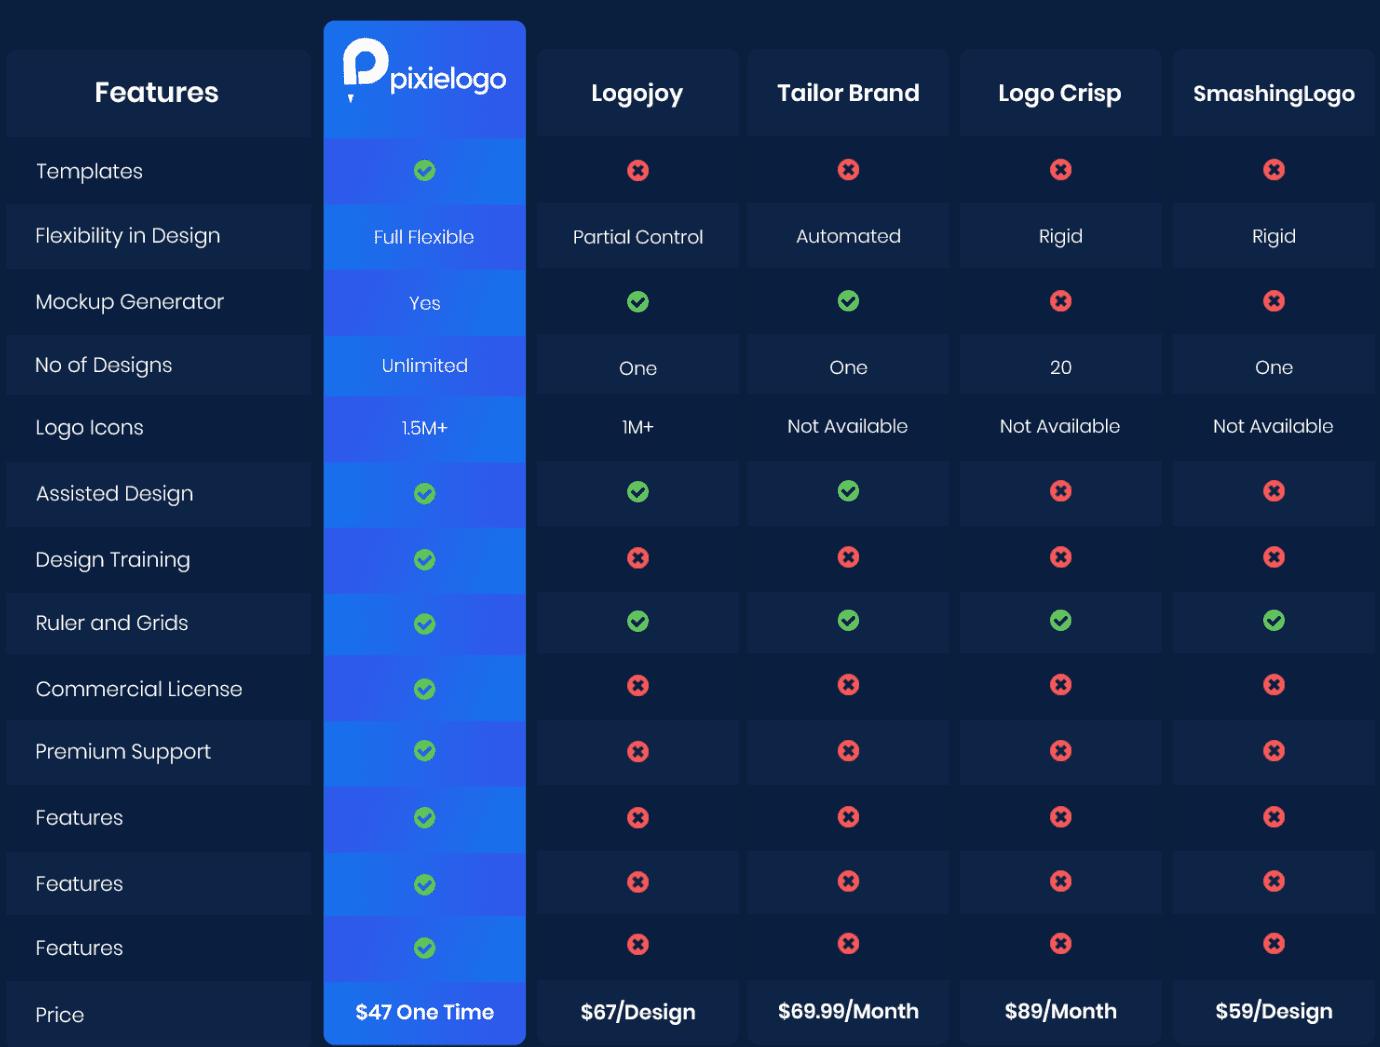 PixieLogo-comparion